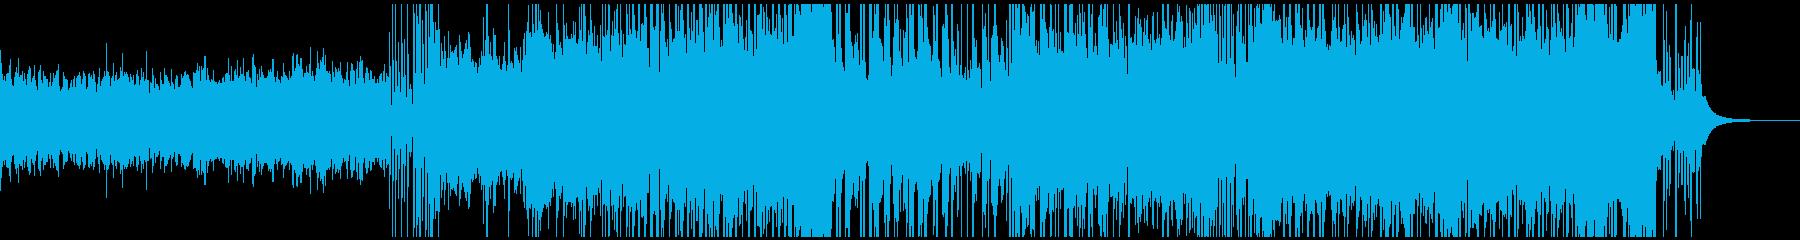 爽やかバトル系インストの再生済みの波形